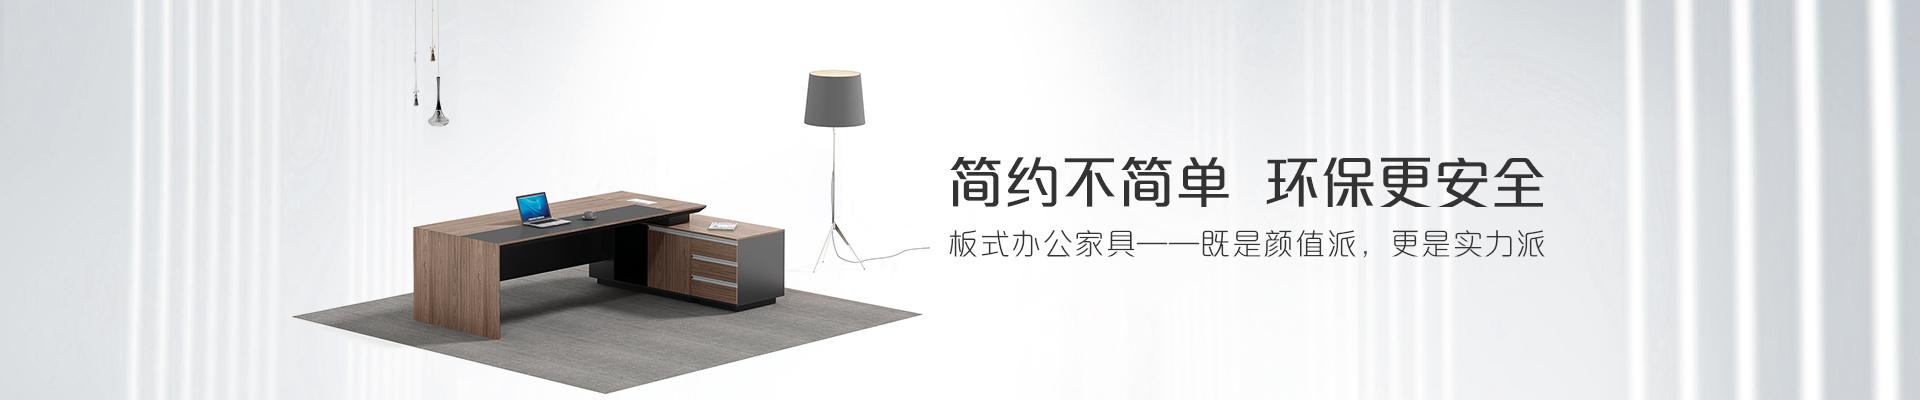 福玛仕板式办公家具-简约不简单  环保更安全